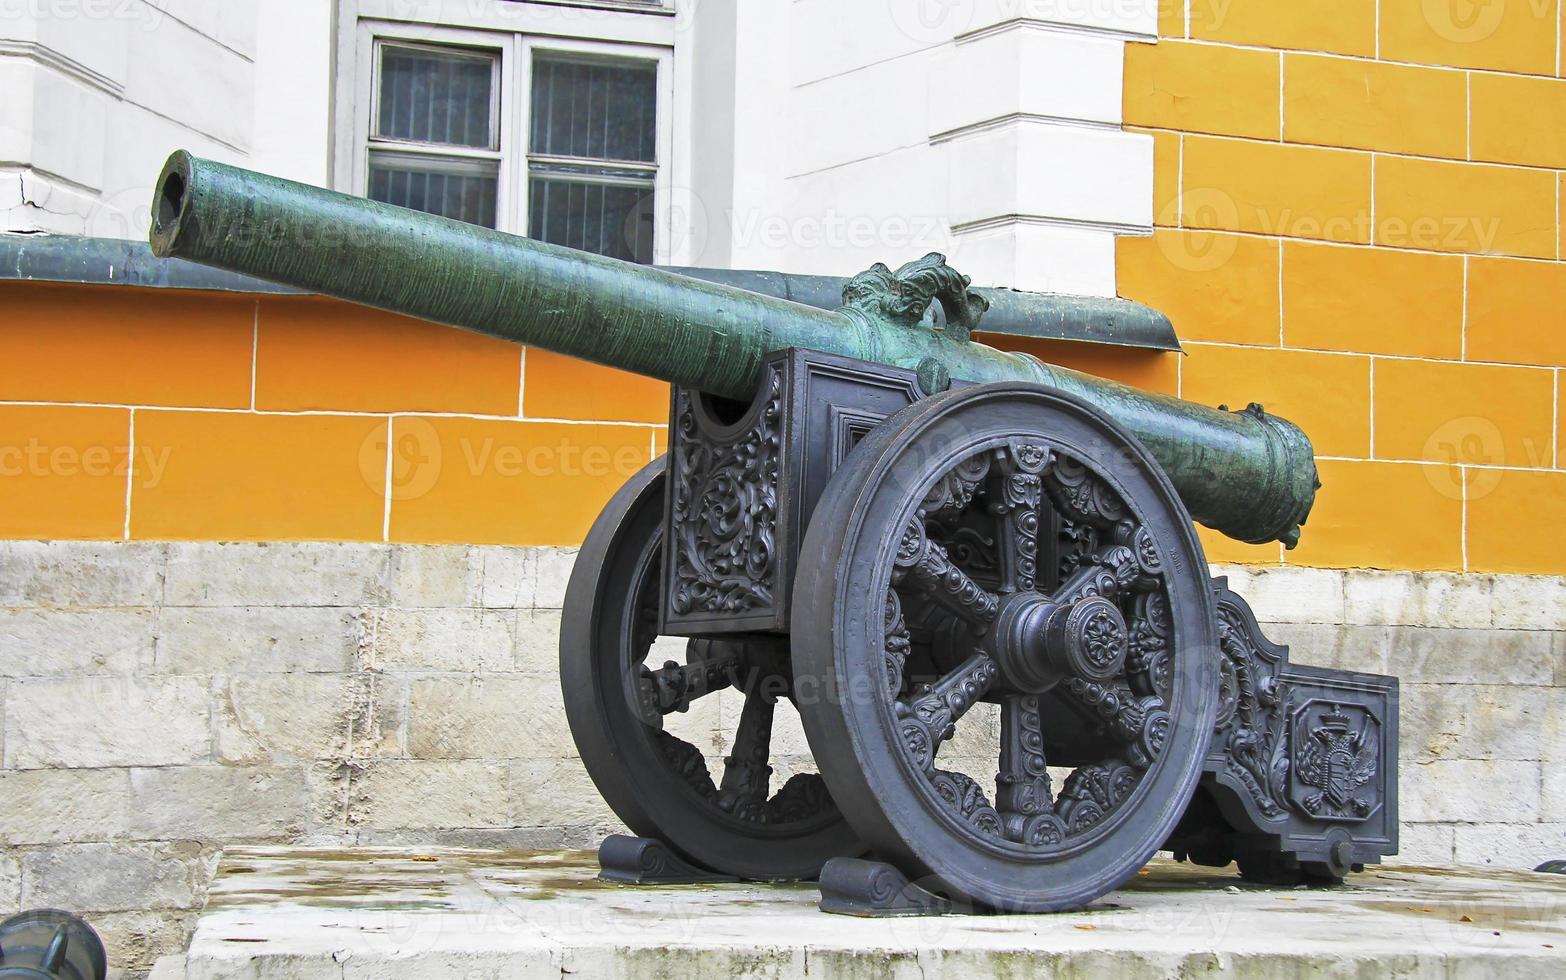 canhões de artilharia antiga no kremlin de Moscou, rússia foto